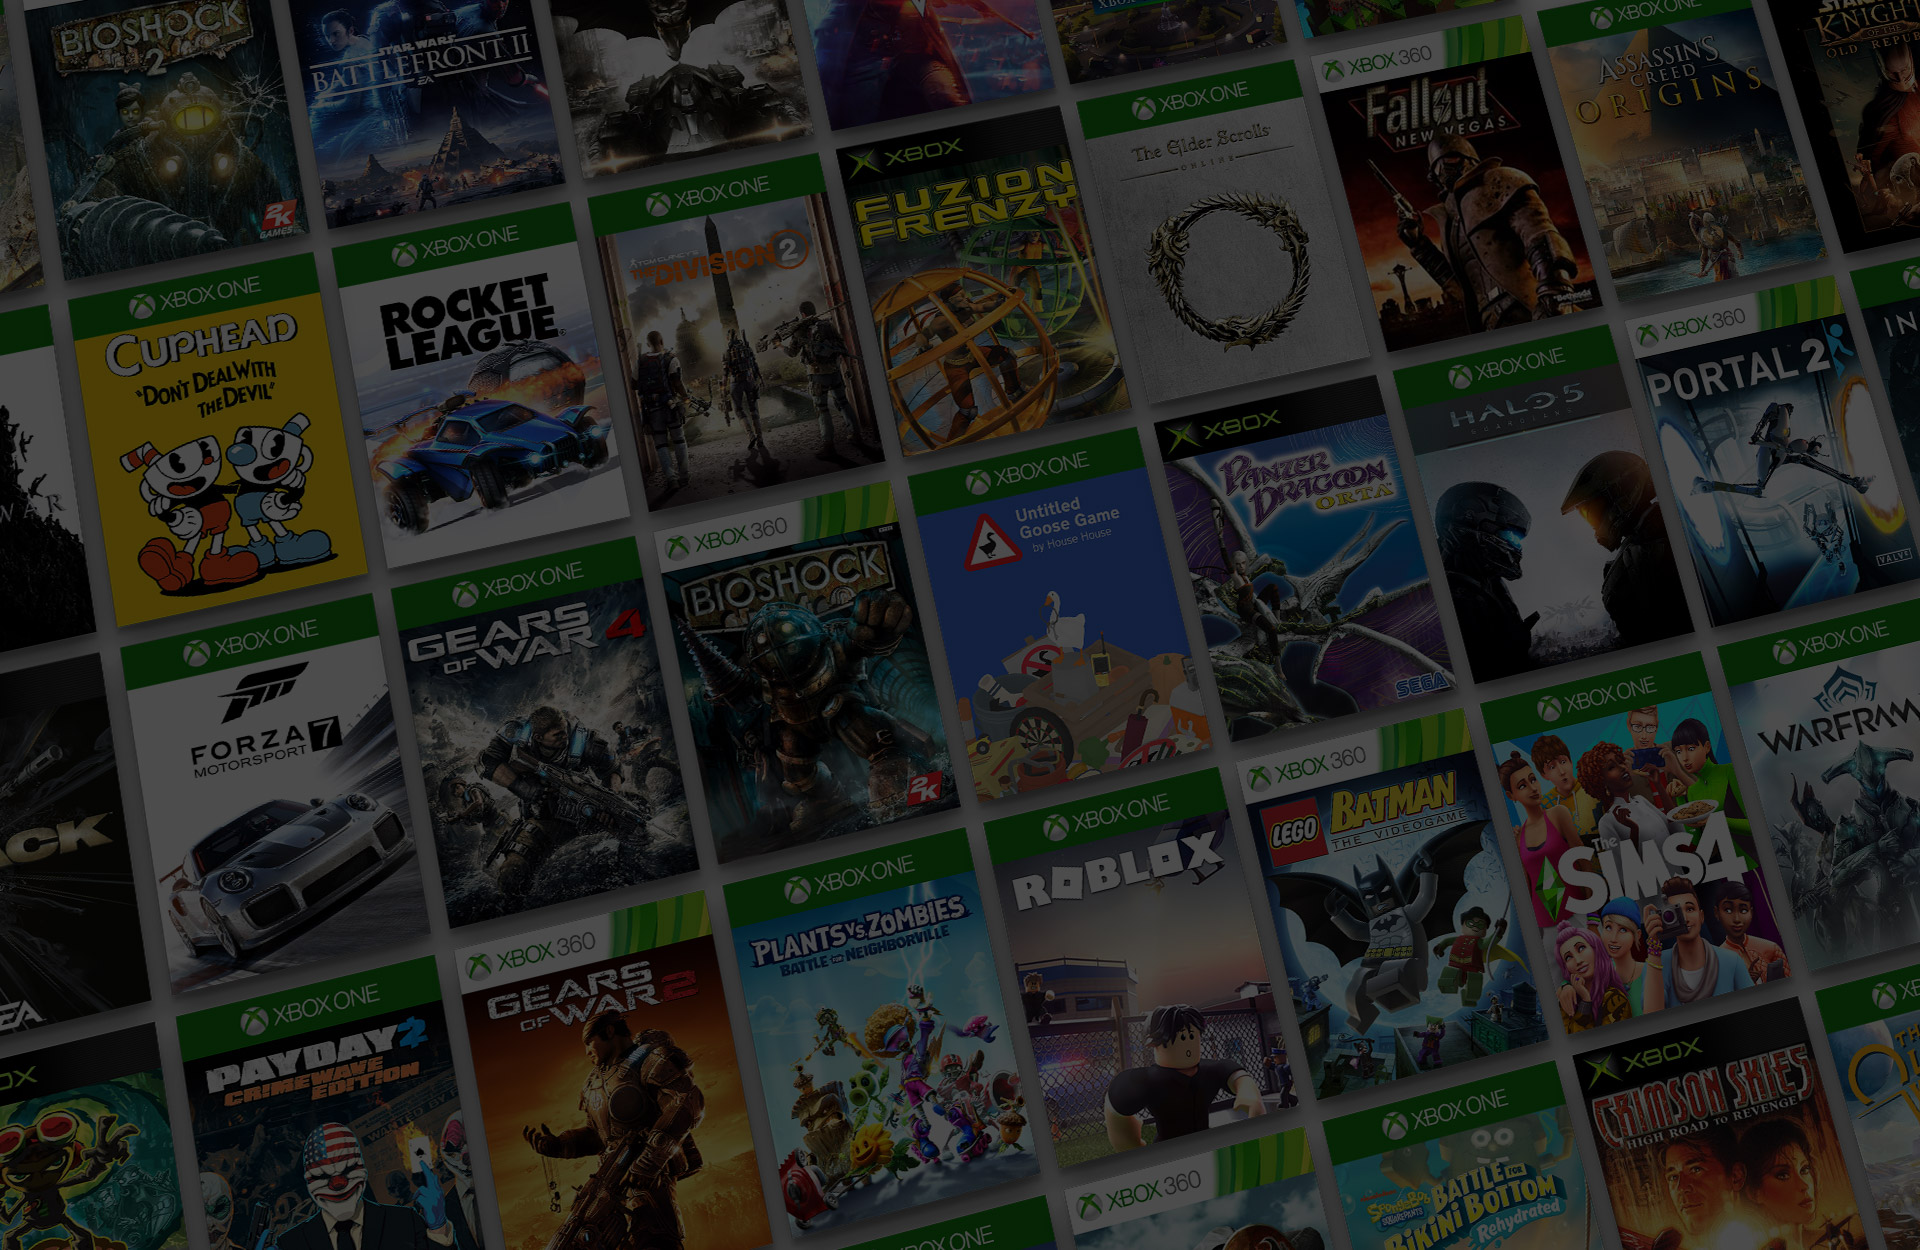 Mosaïque de titres de jeux Xbox rétrocompatibles